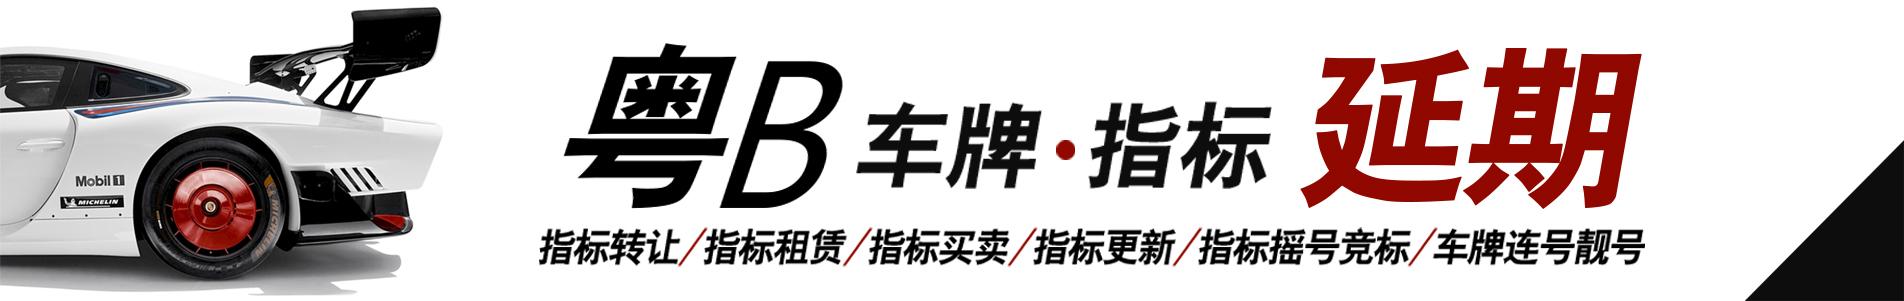 深圳市小汽车指标延期过程是怎么样的?都需要哪些资料呢?